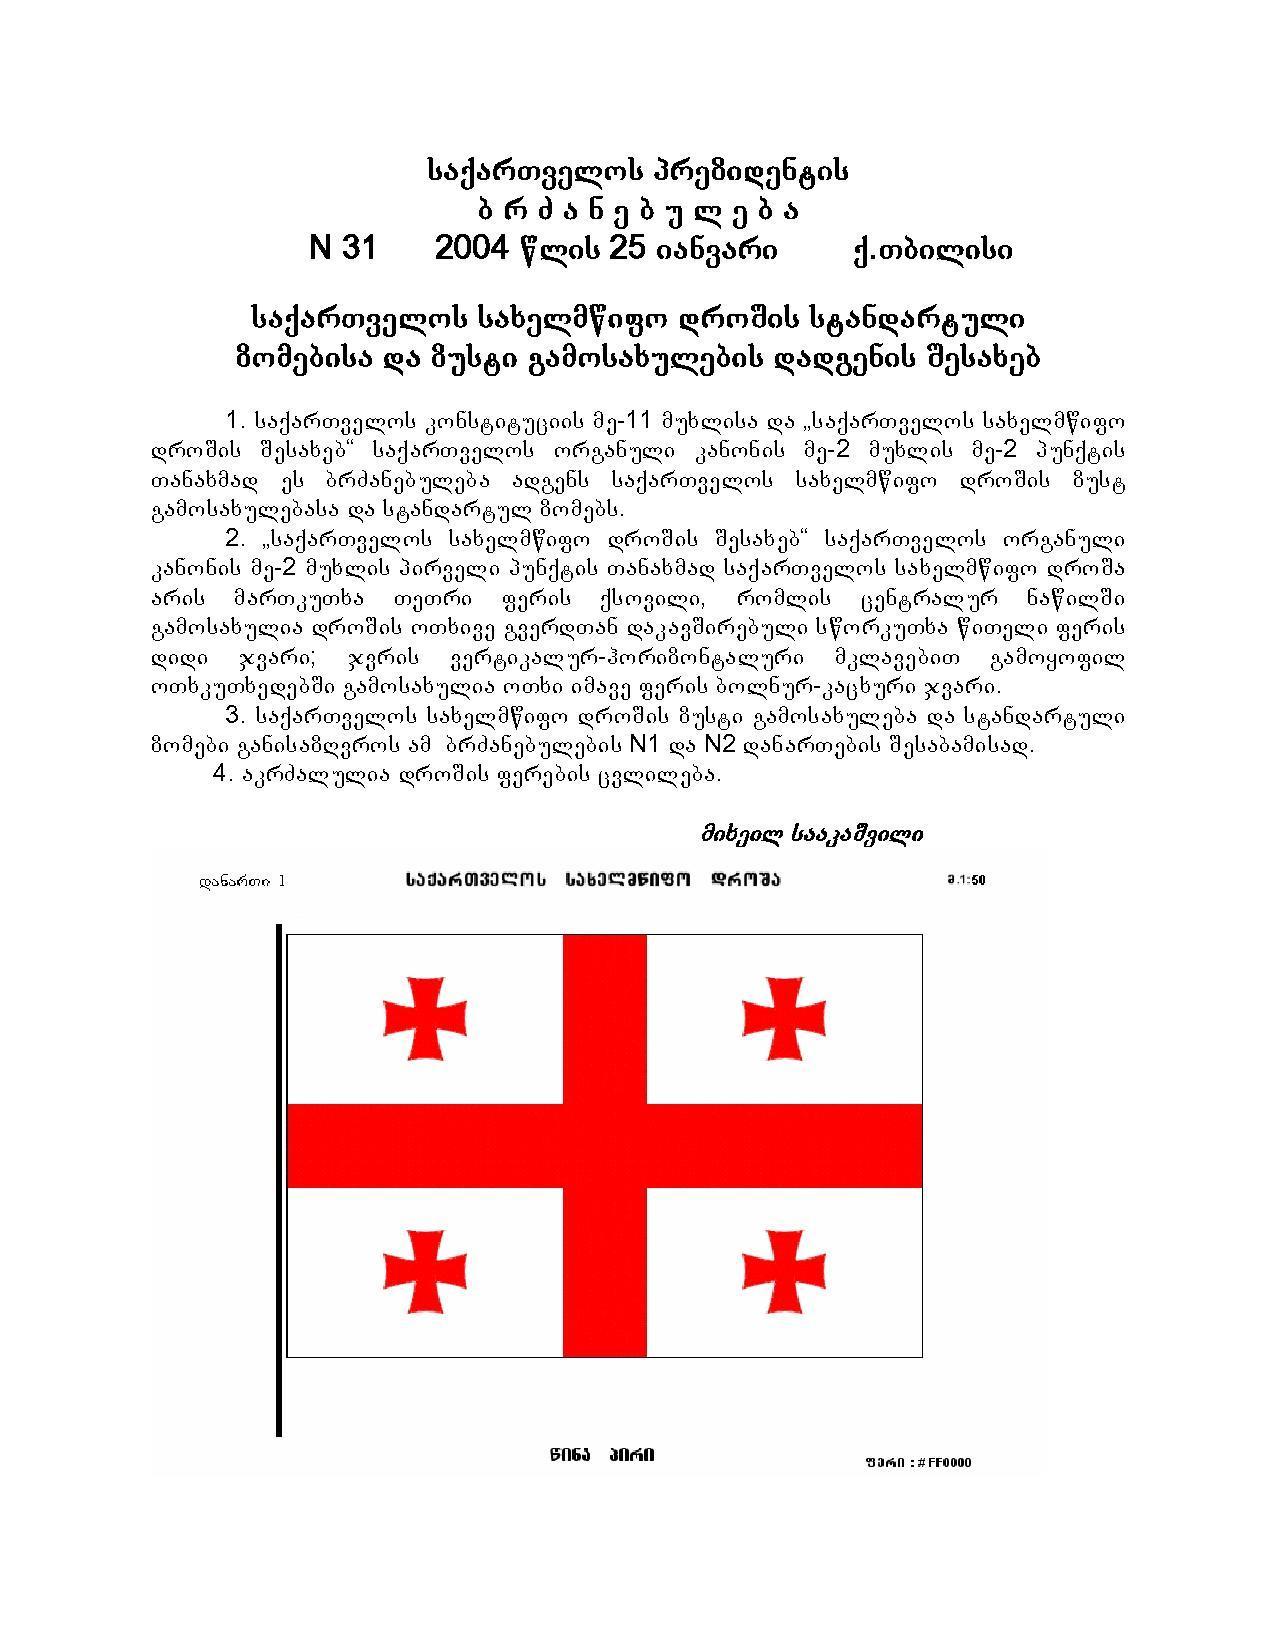 File:Brdzanebuleba 31 pdf - Wikimedia Commons